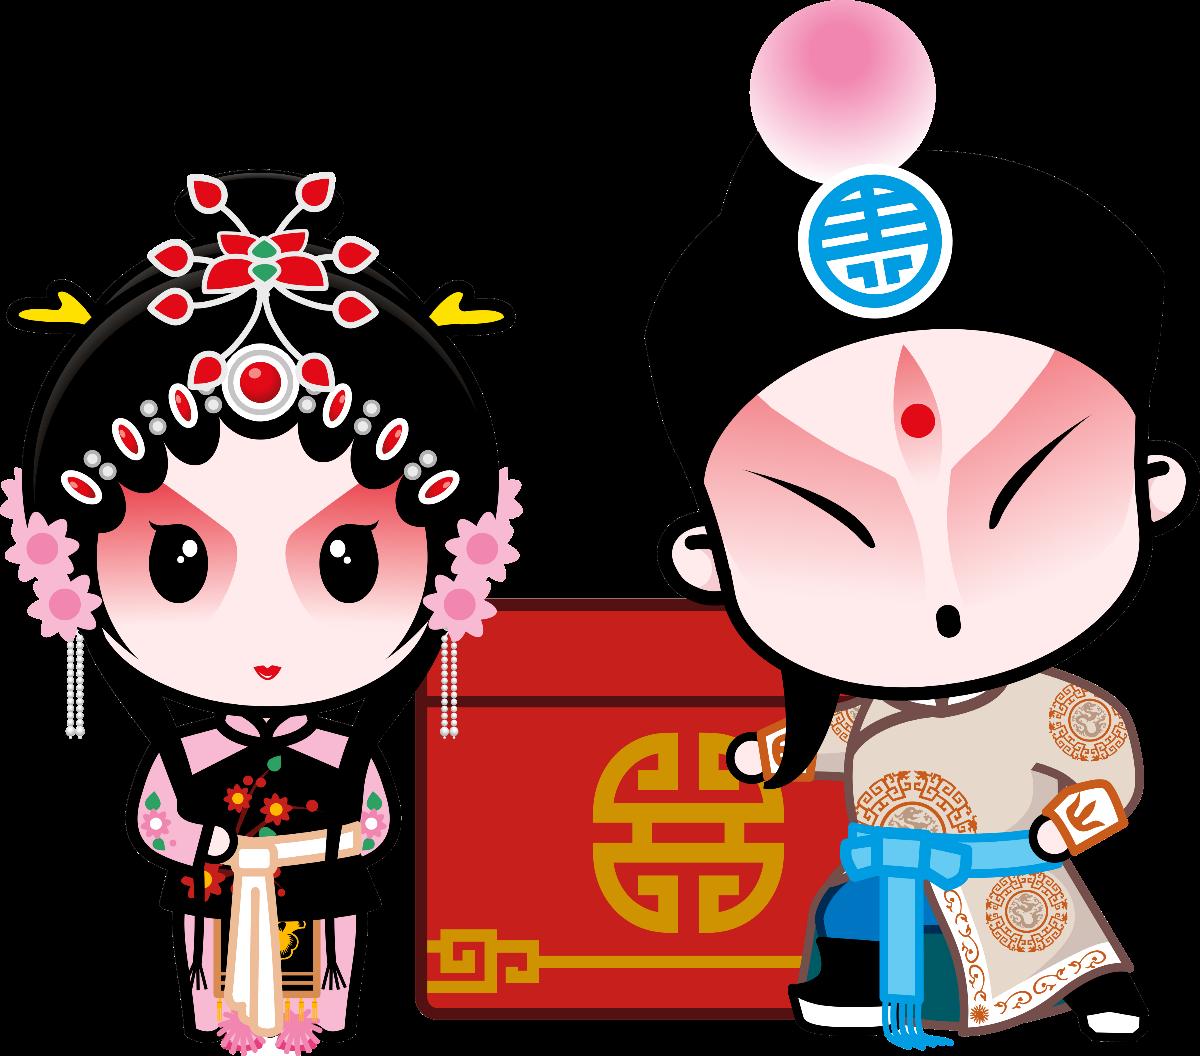 国粹京剧,国粹宝贝,Q版京剧,动漫,卡通,高清大图